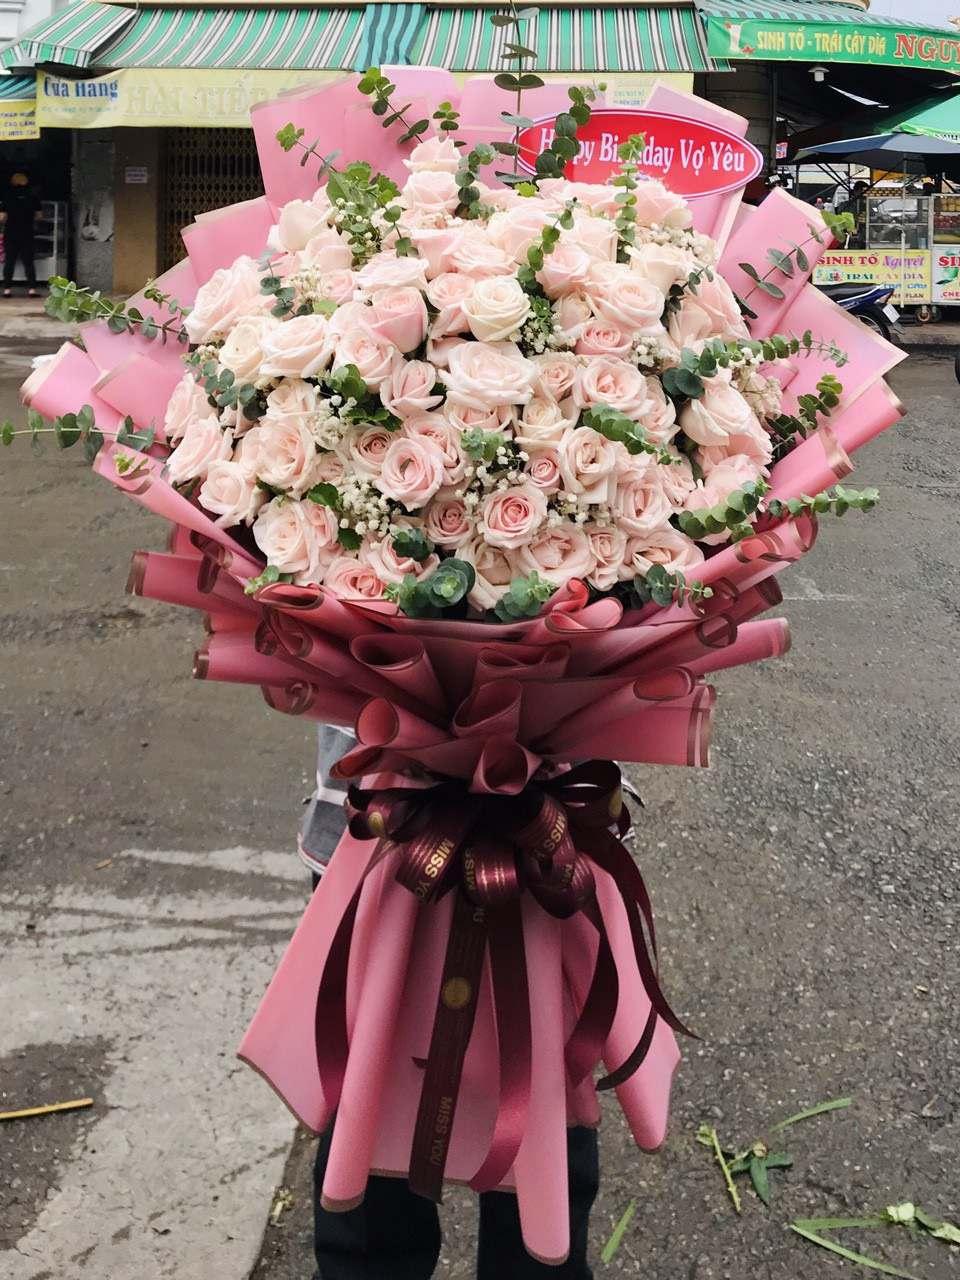 Mẫu hoa được đặt online tại shop hoa tươi Đồng Tháp